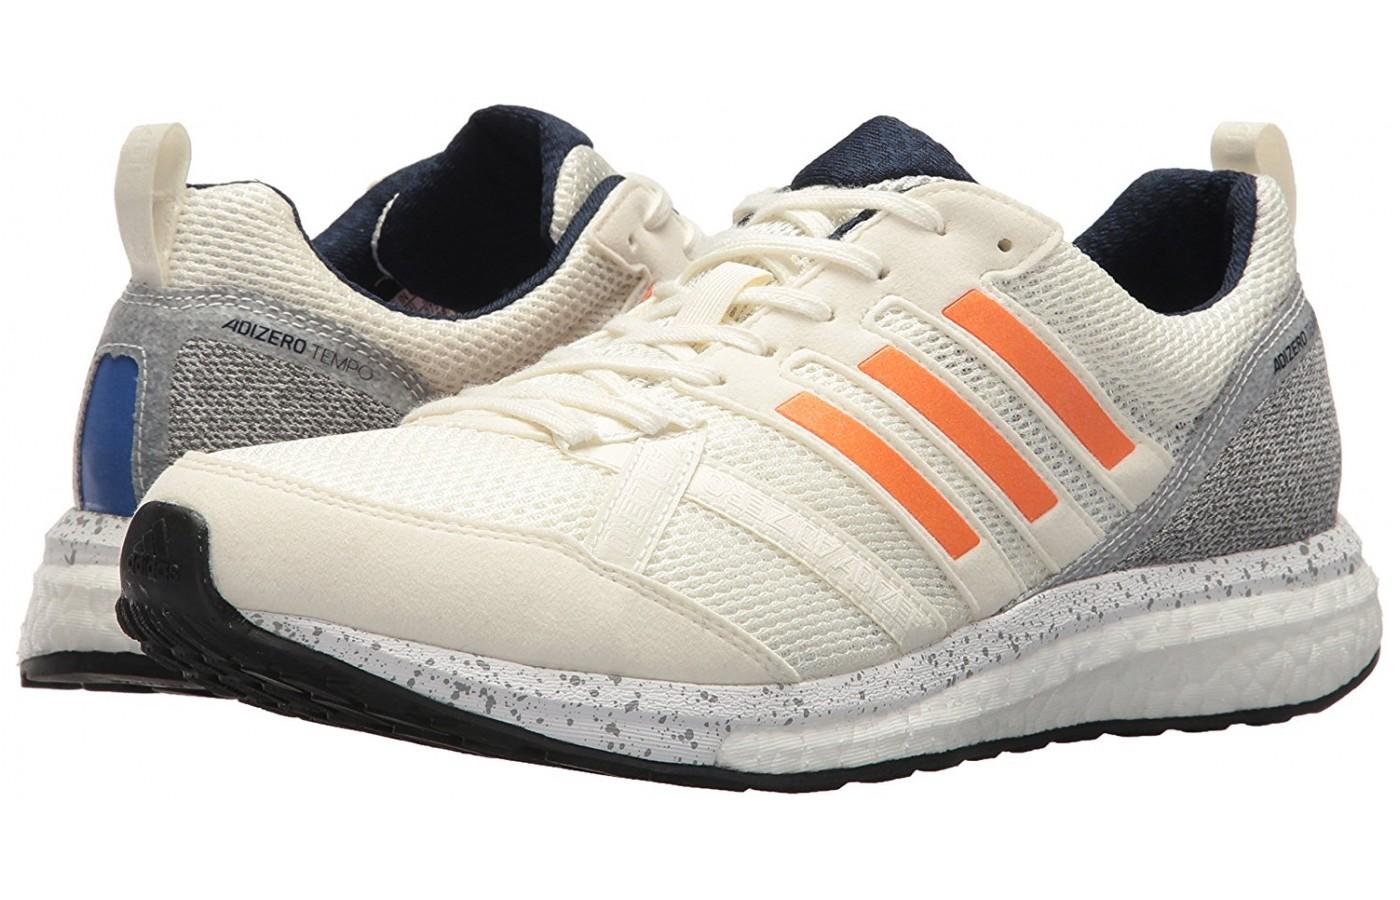 Adidas Adizero Tempo 8 pair